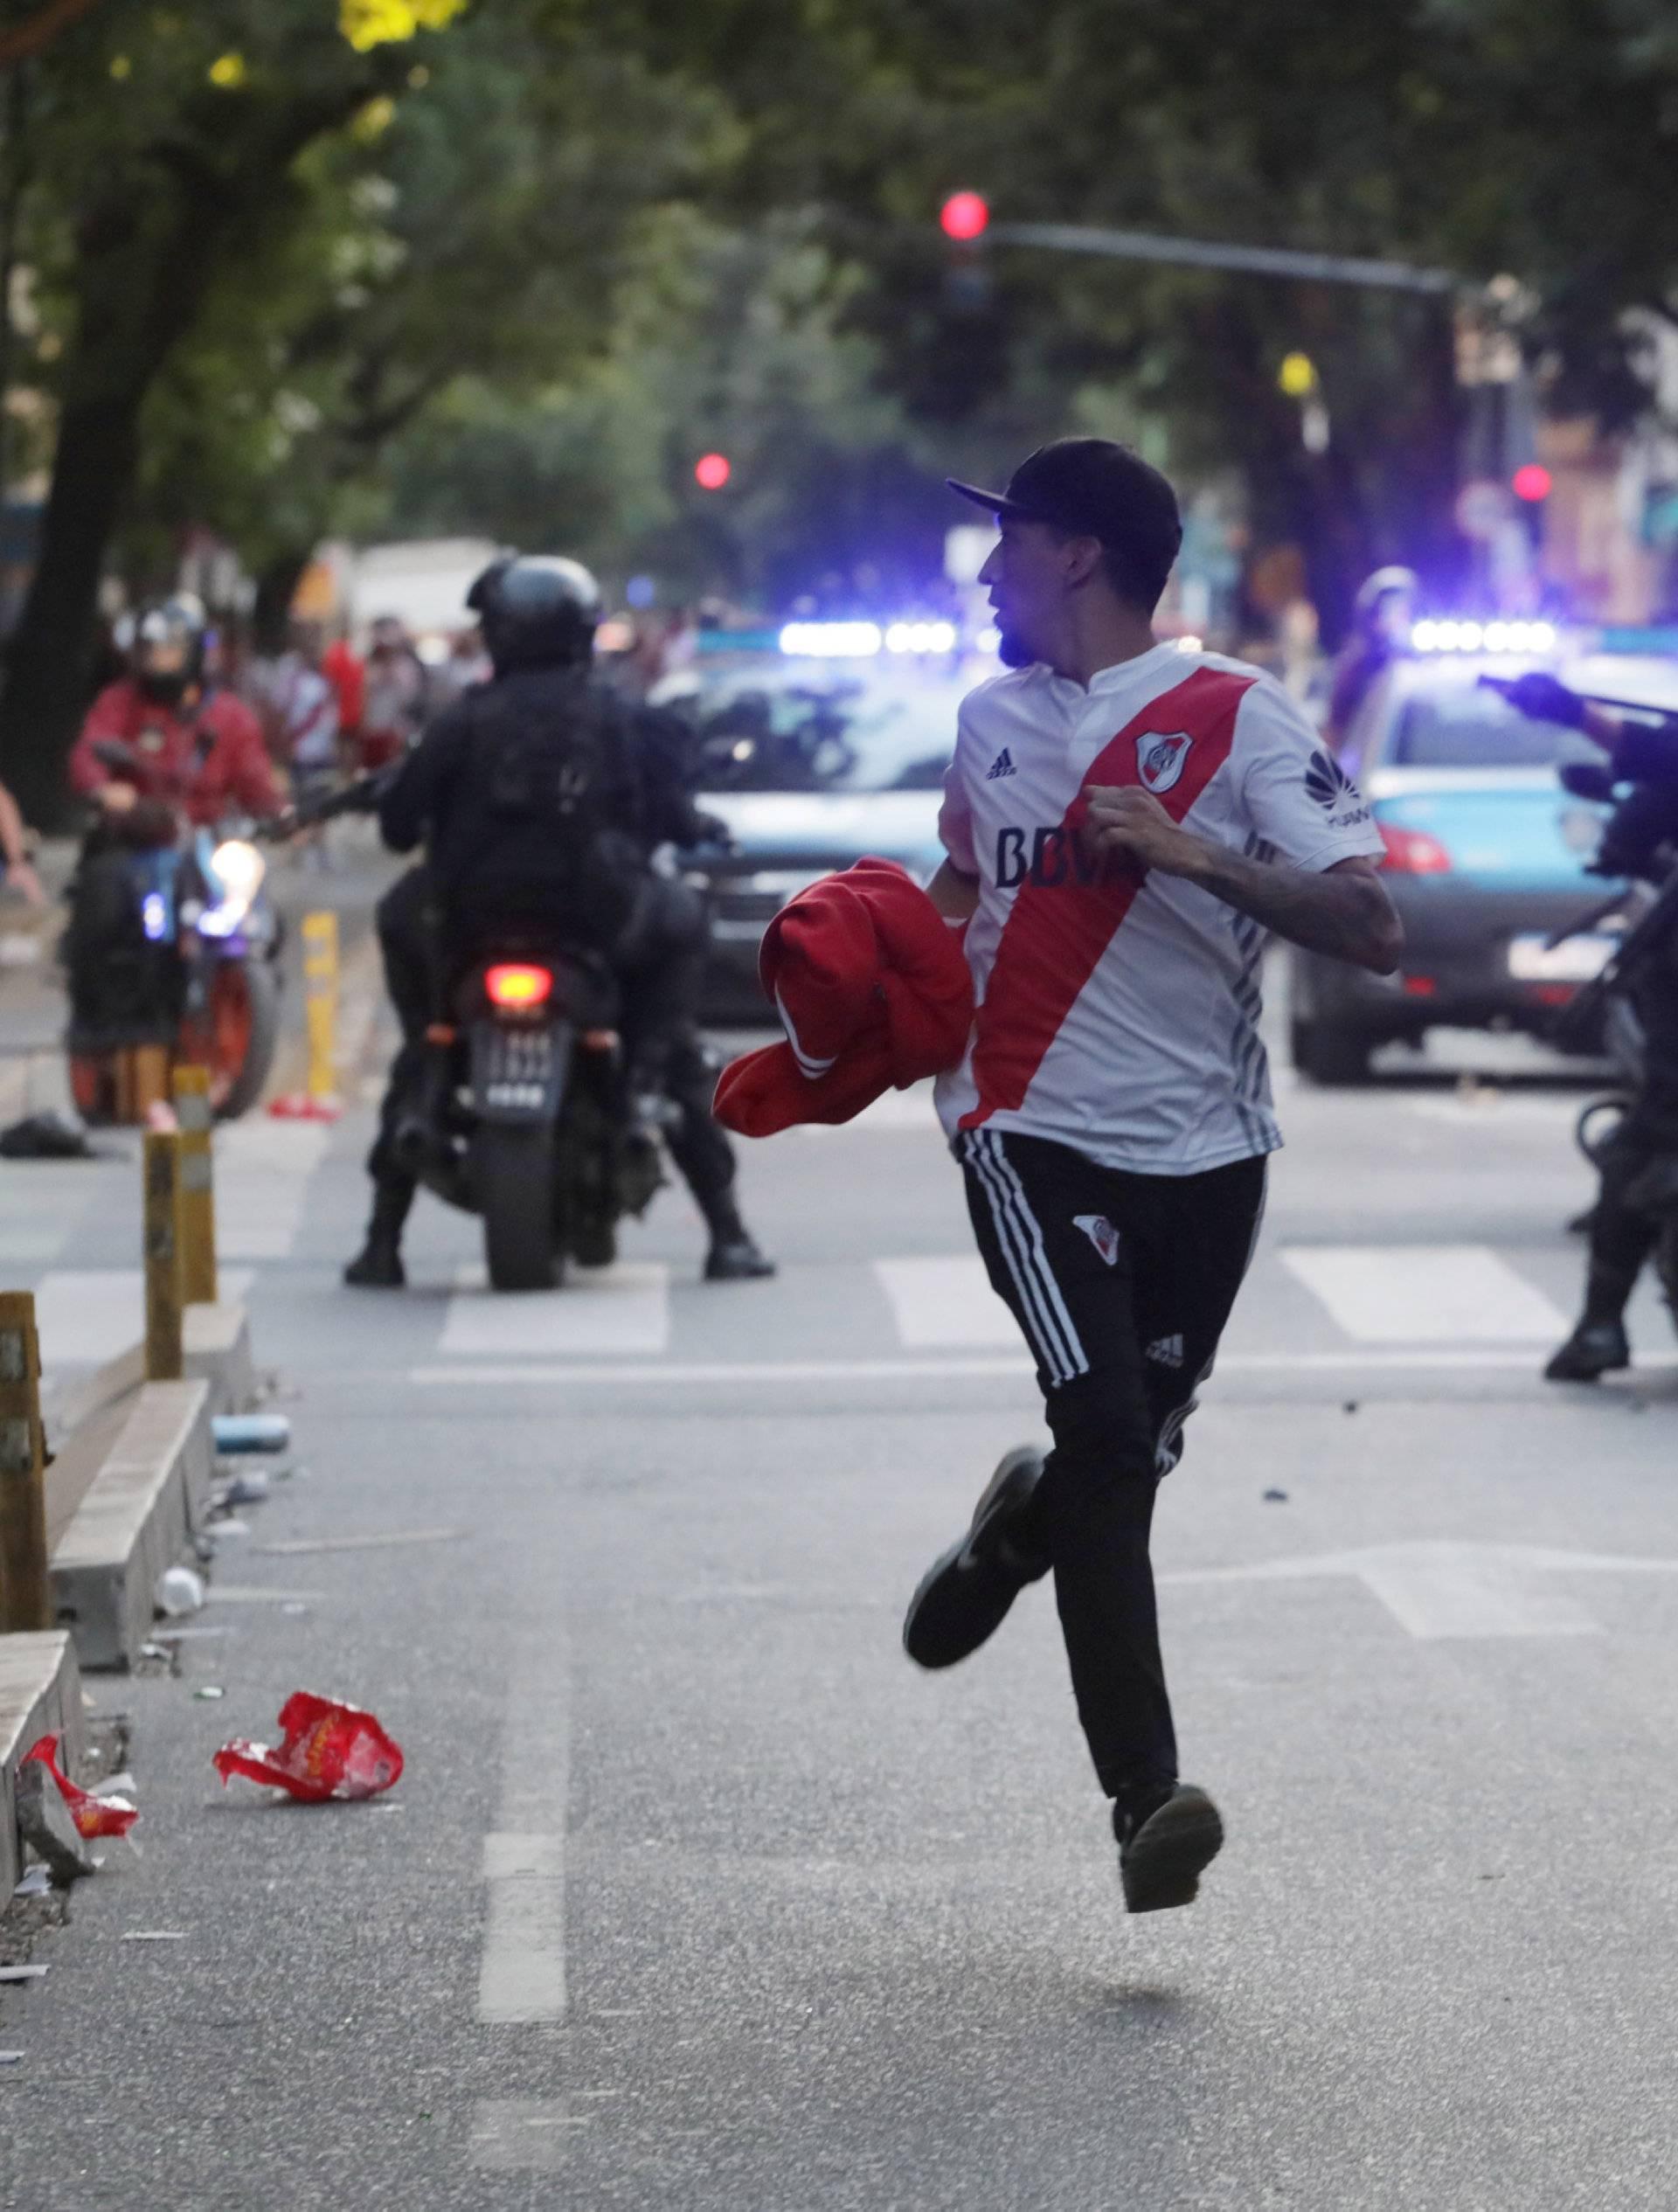 Soccer Football - Copa Libertadores Final - Second leg - River Plate v Boca Juniors